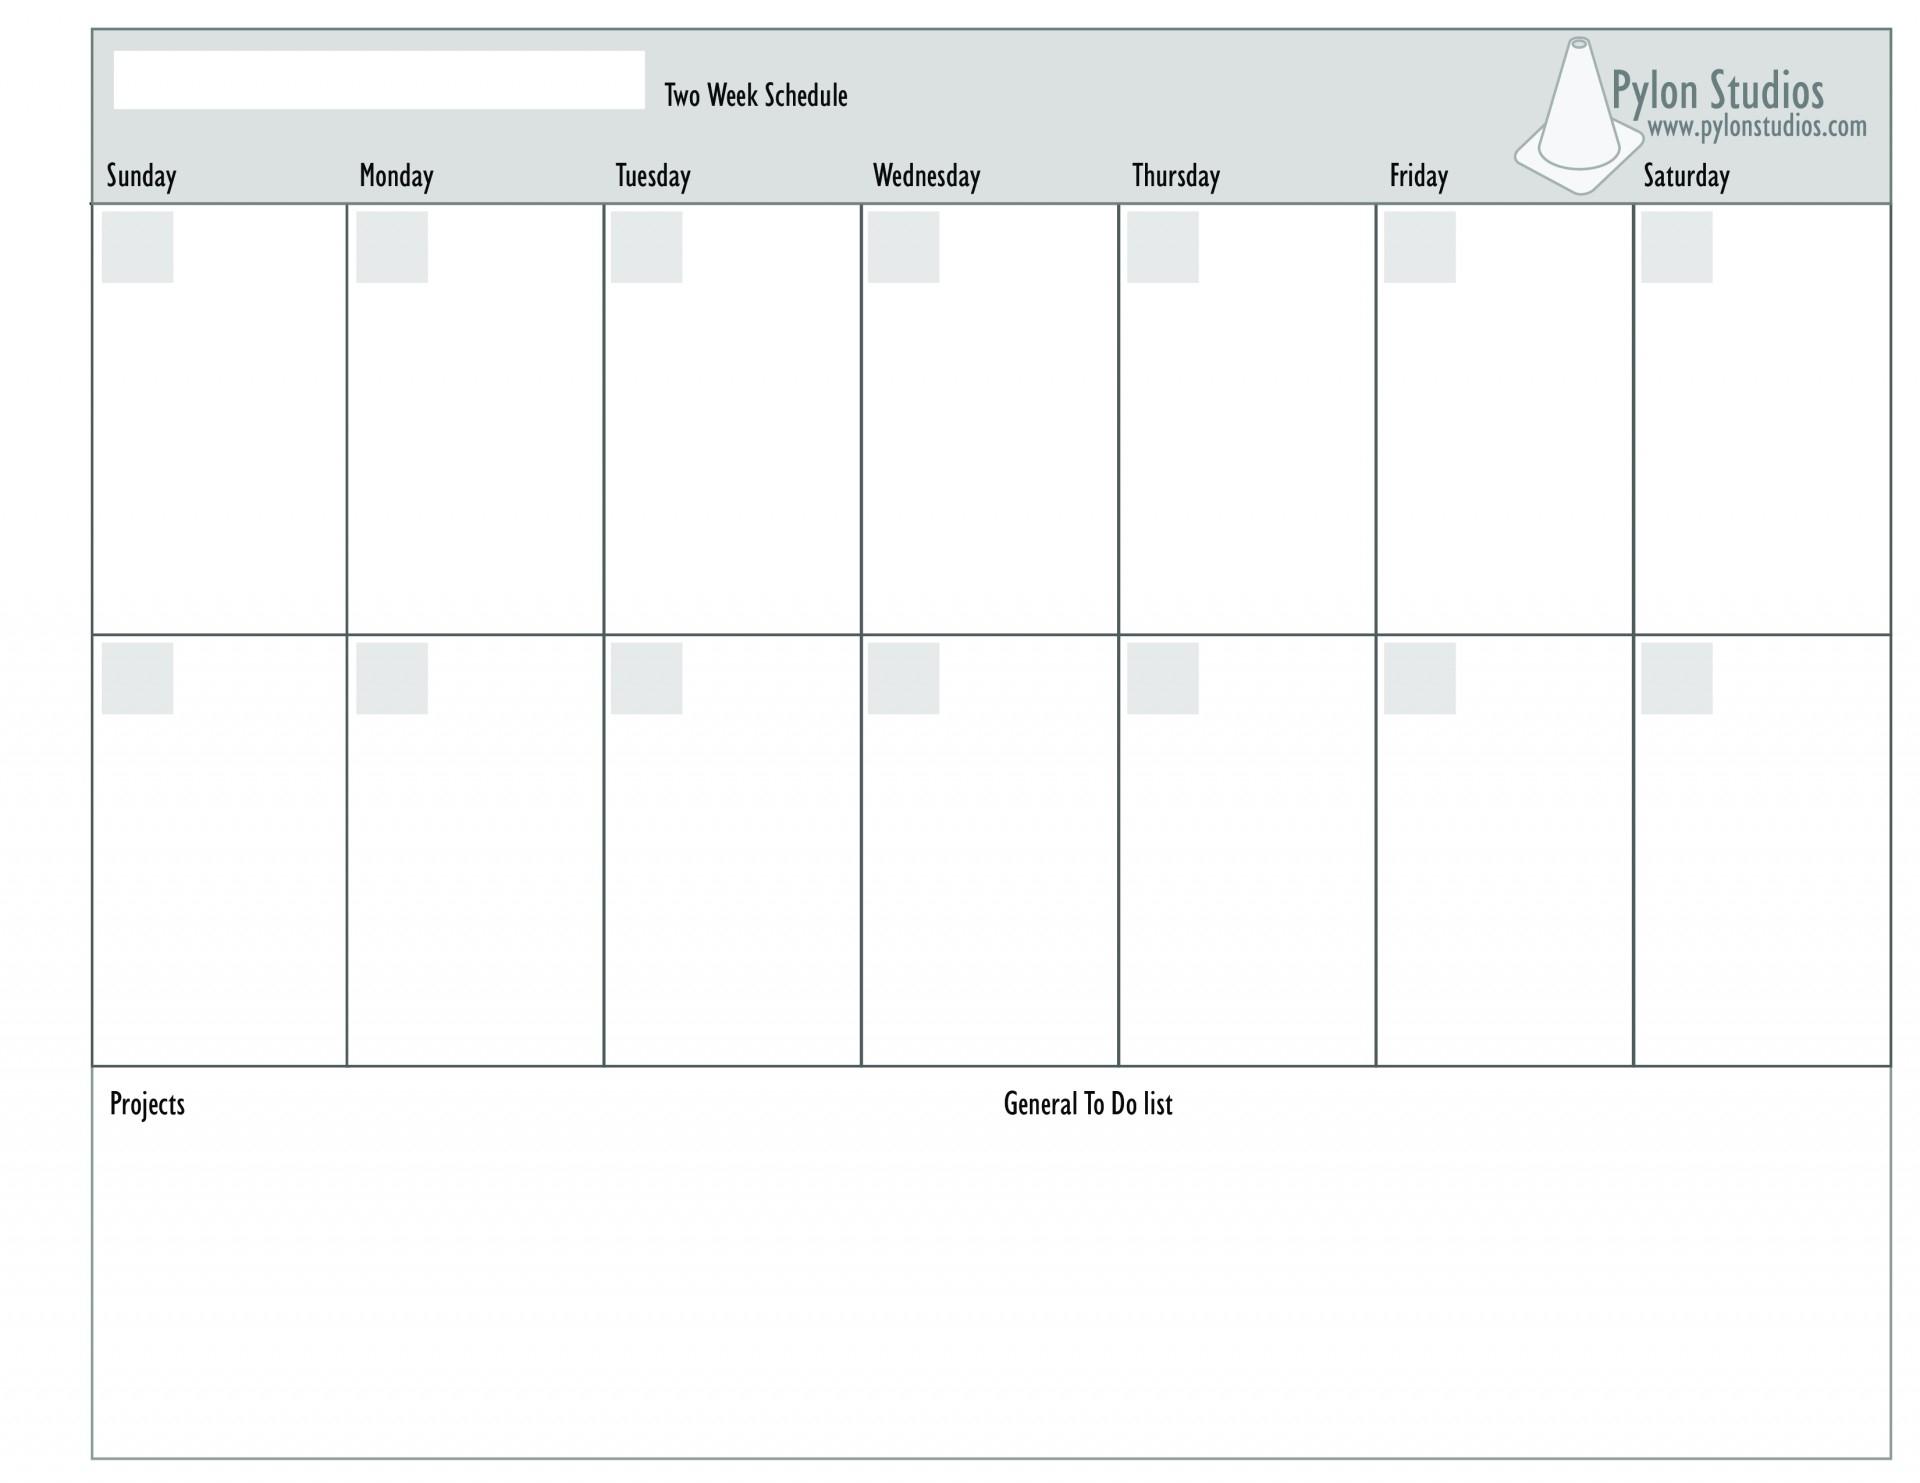 Monday To Friday 2 Week Calendar Template | Calendar inside Two Week Calendar